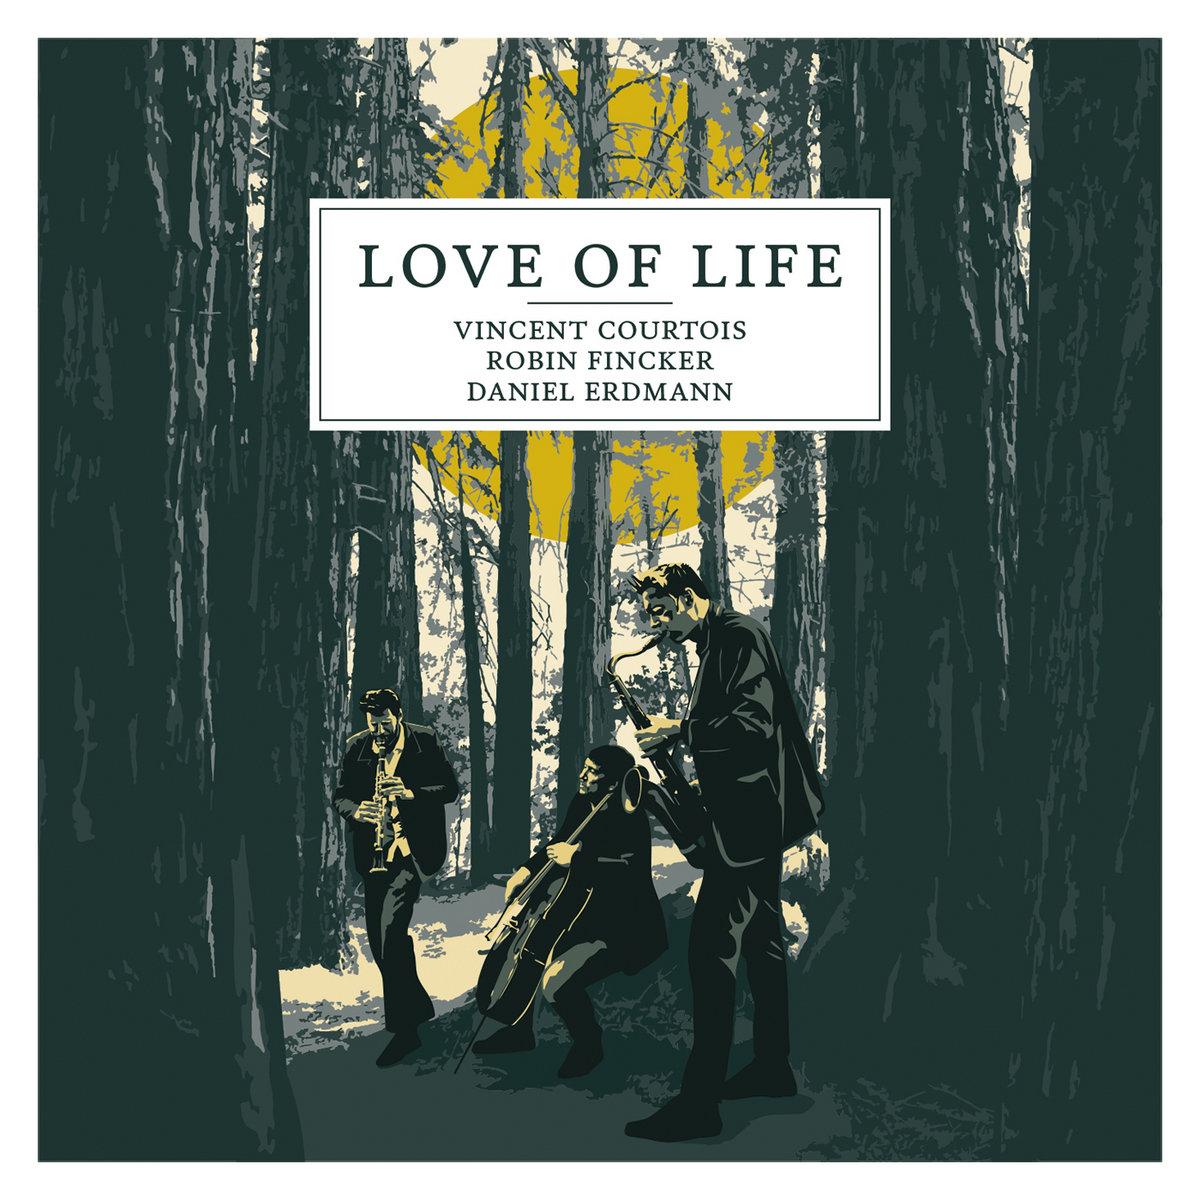 Vincent Courtois & Robin Fincker & Daniel Erdmann - Love of life